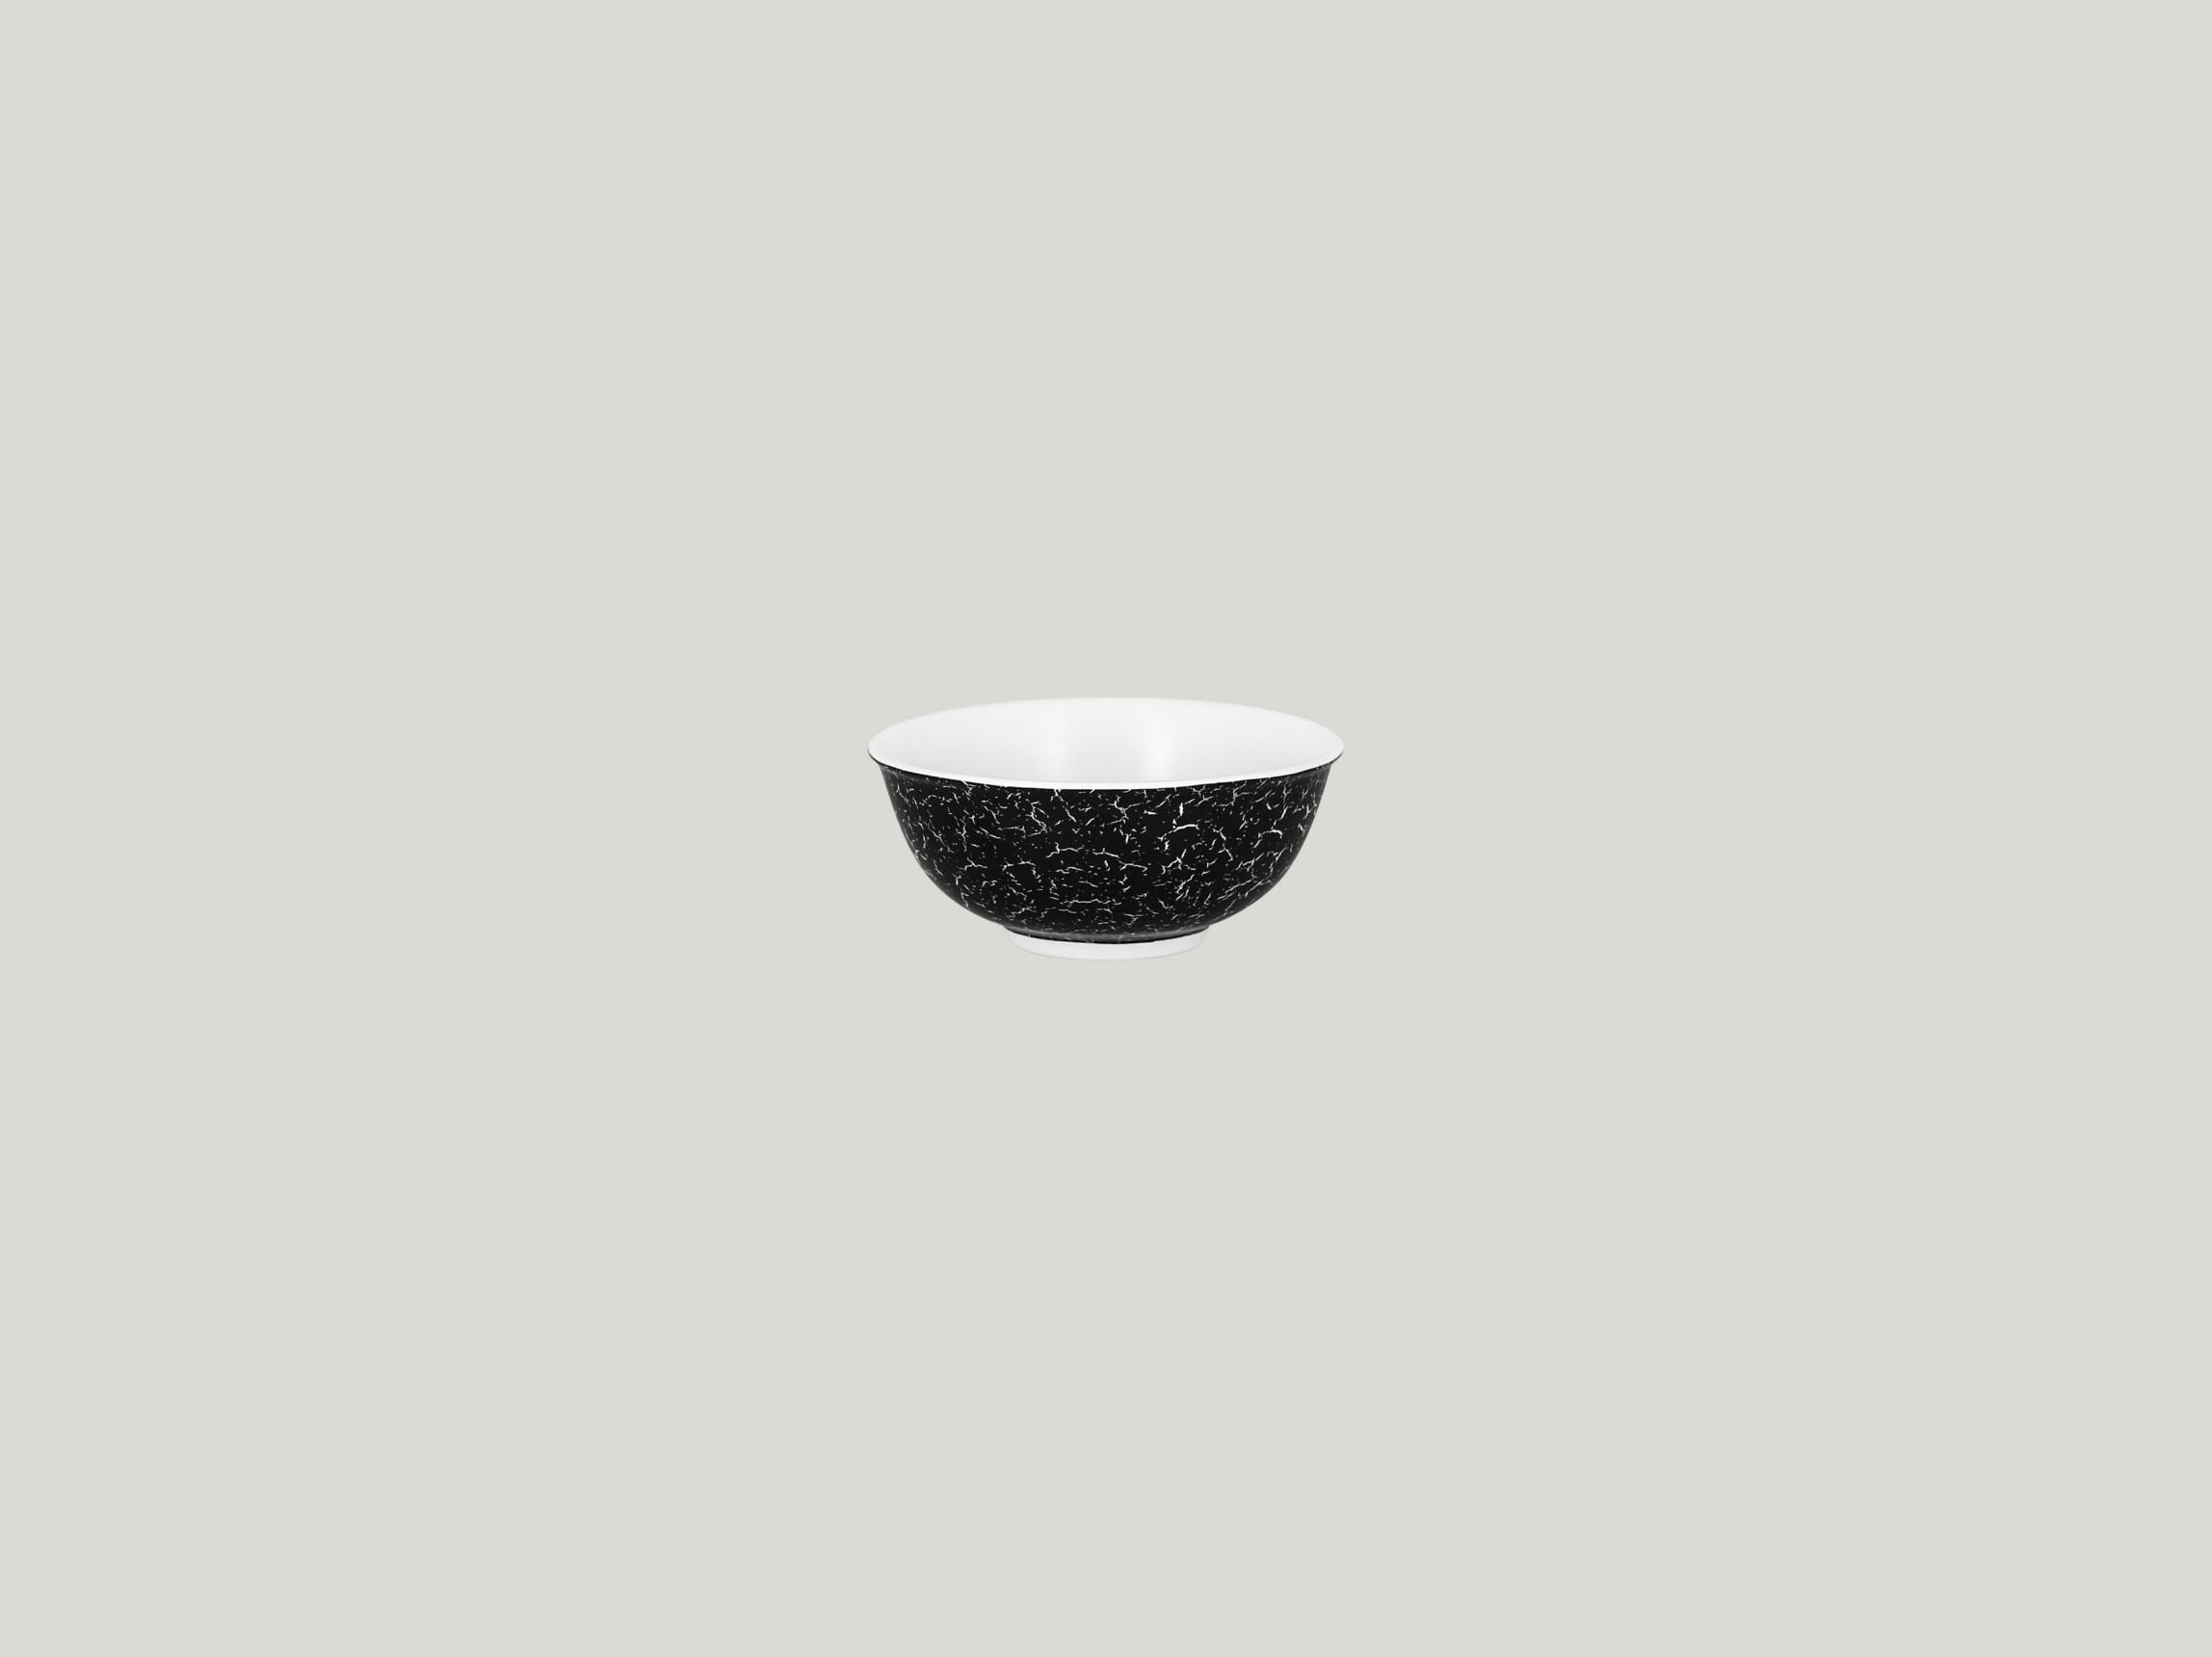 Miska nestohovatelná 16 cl - černá